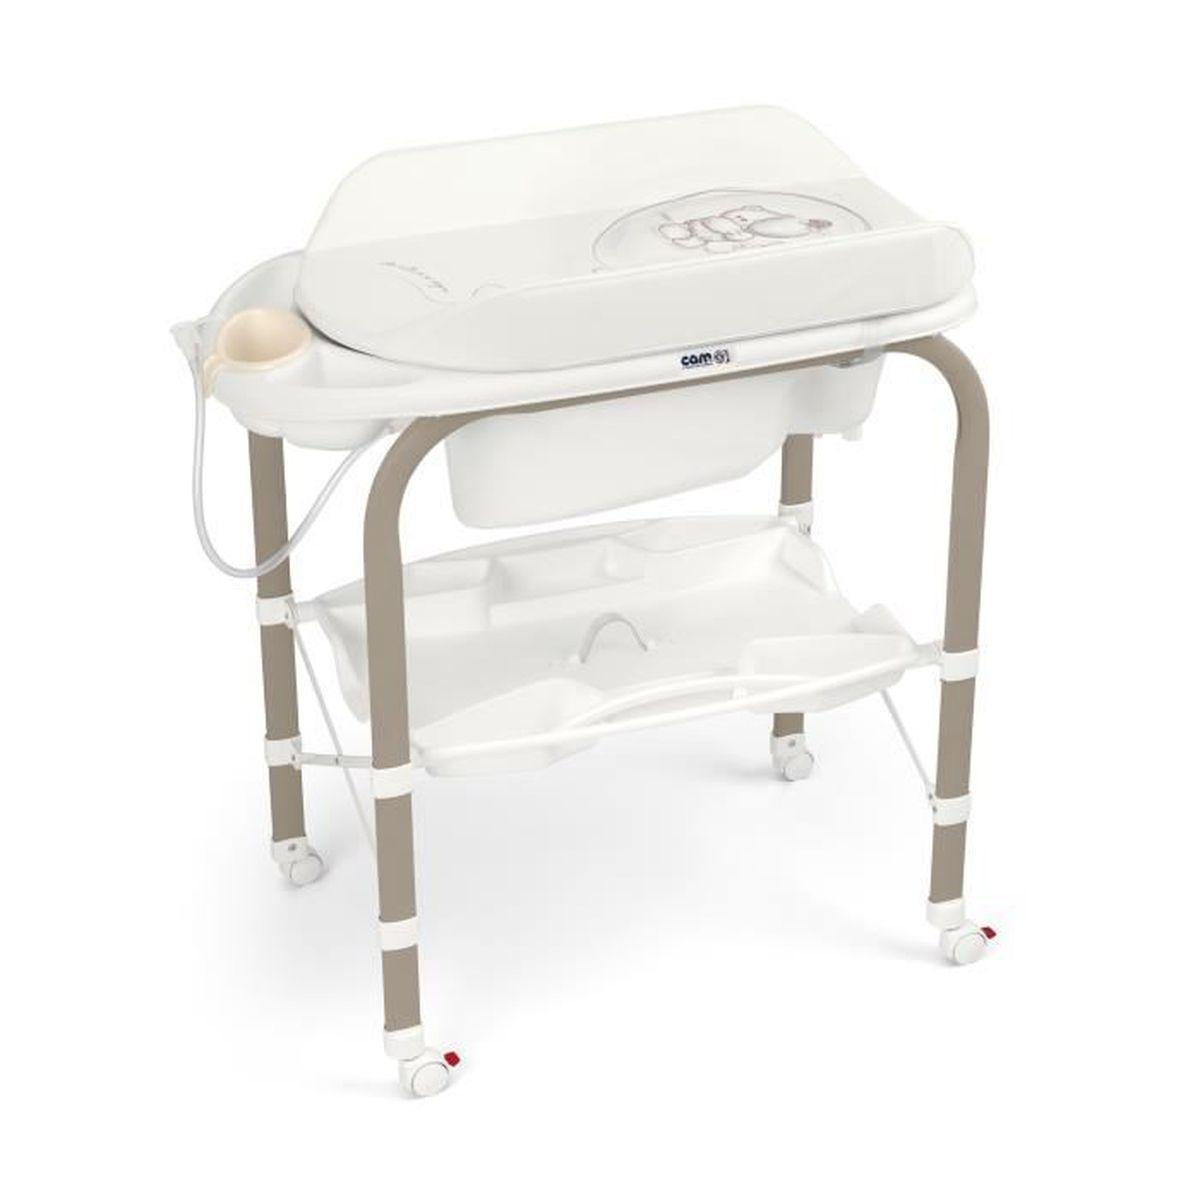 Table À Langer Petite cam - table à langer cambio - 241 teddy avec ballon - achat